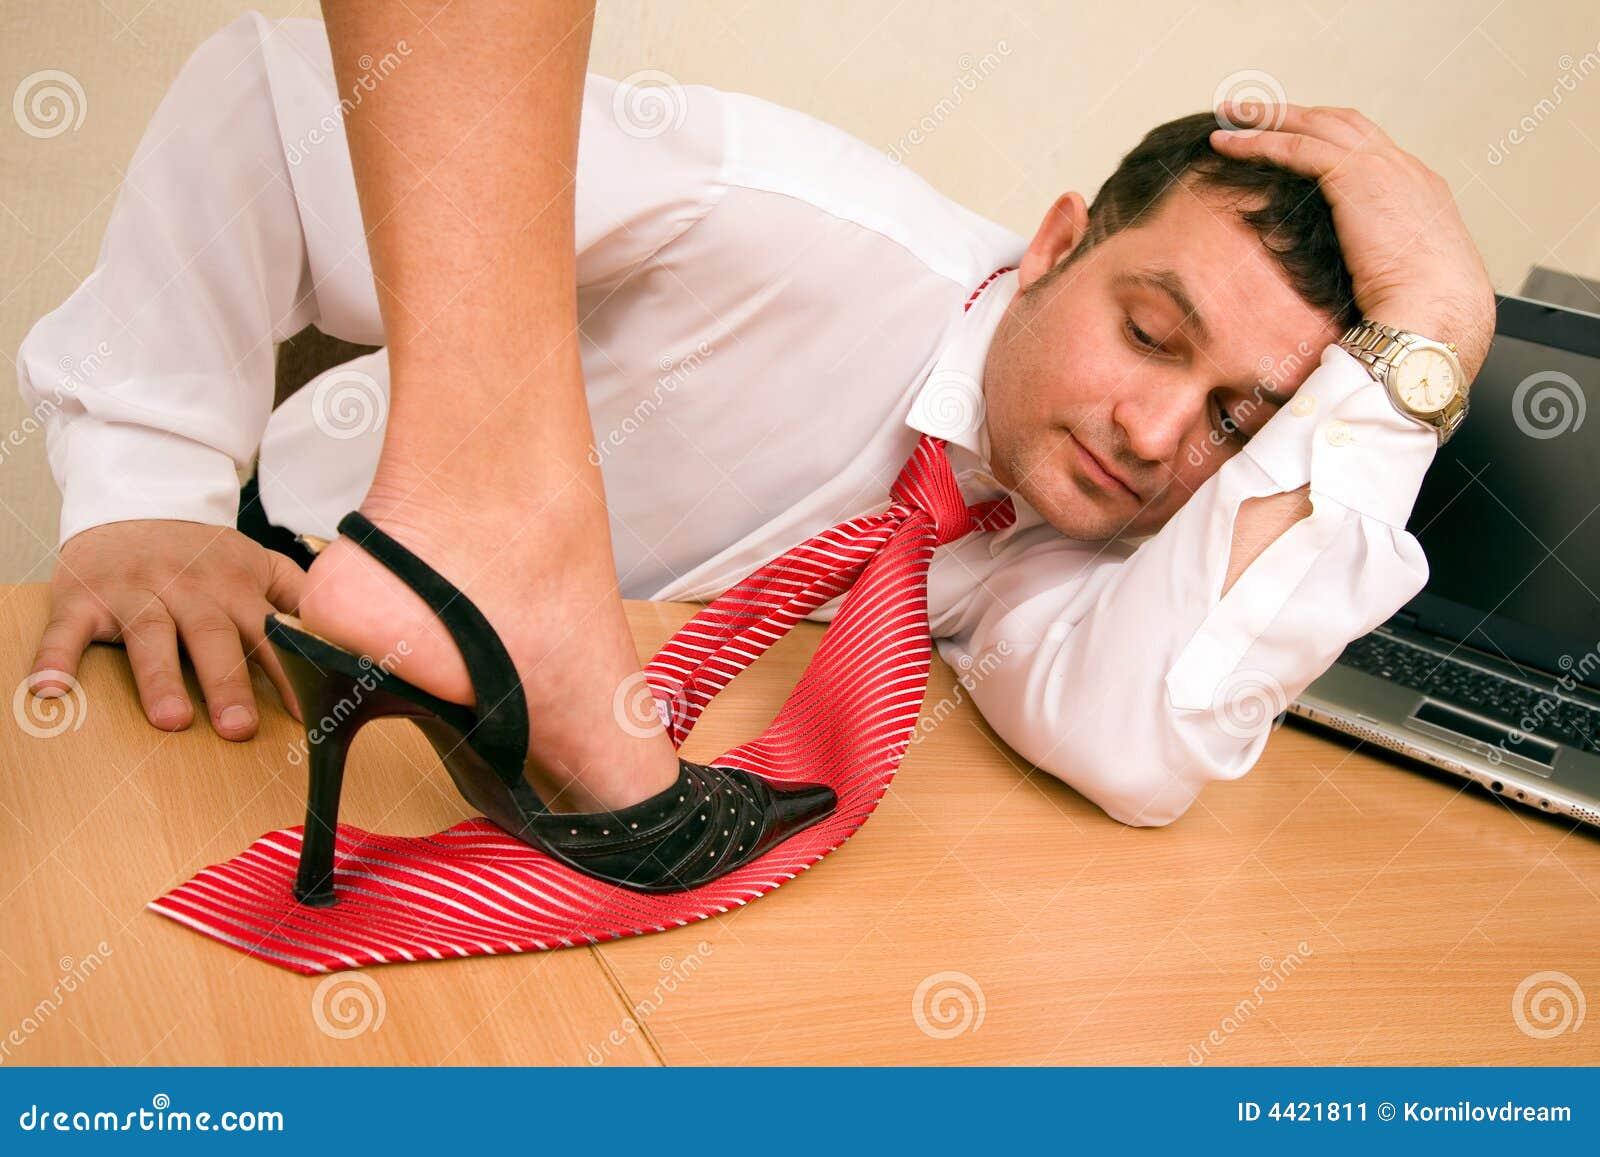 Сделай мужа рабом, Заставила непокорного мужа быть рабом 28 фотография